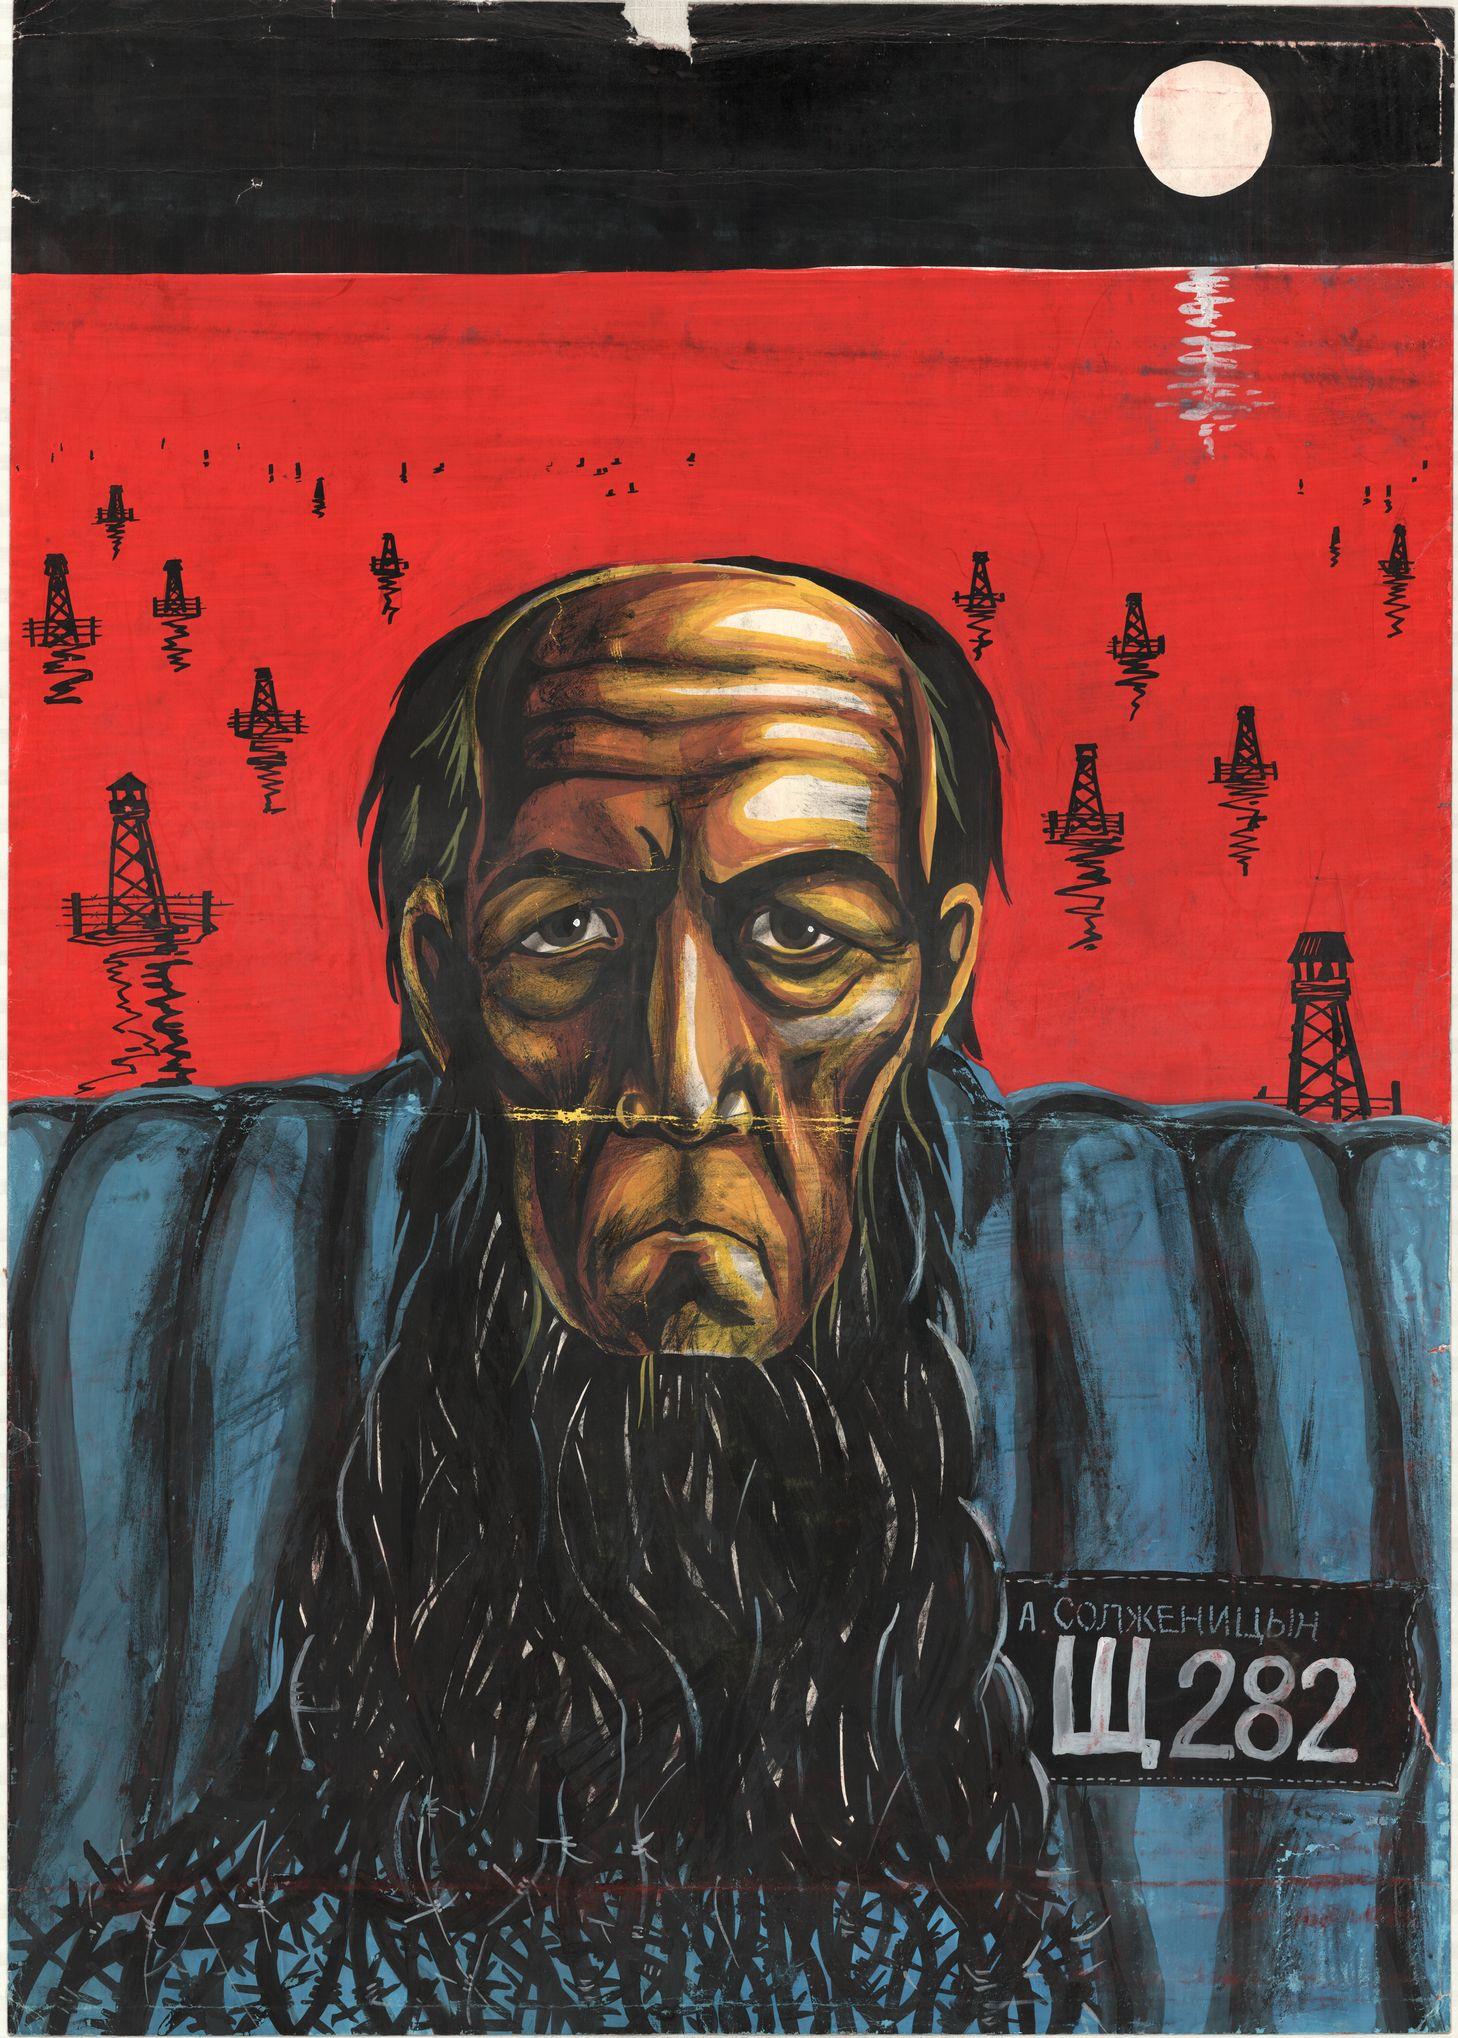 """Плакат """"А. Солженицын """"Щ 282"""""""""""